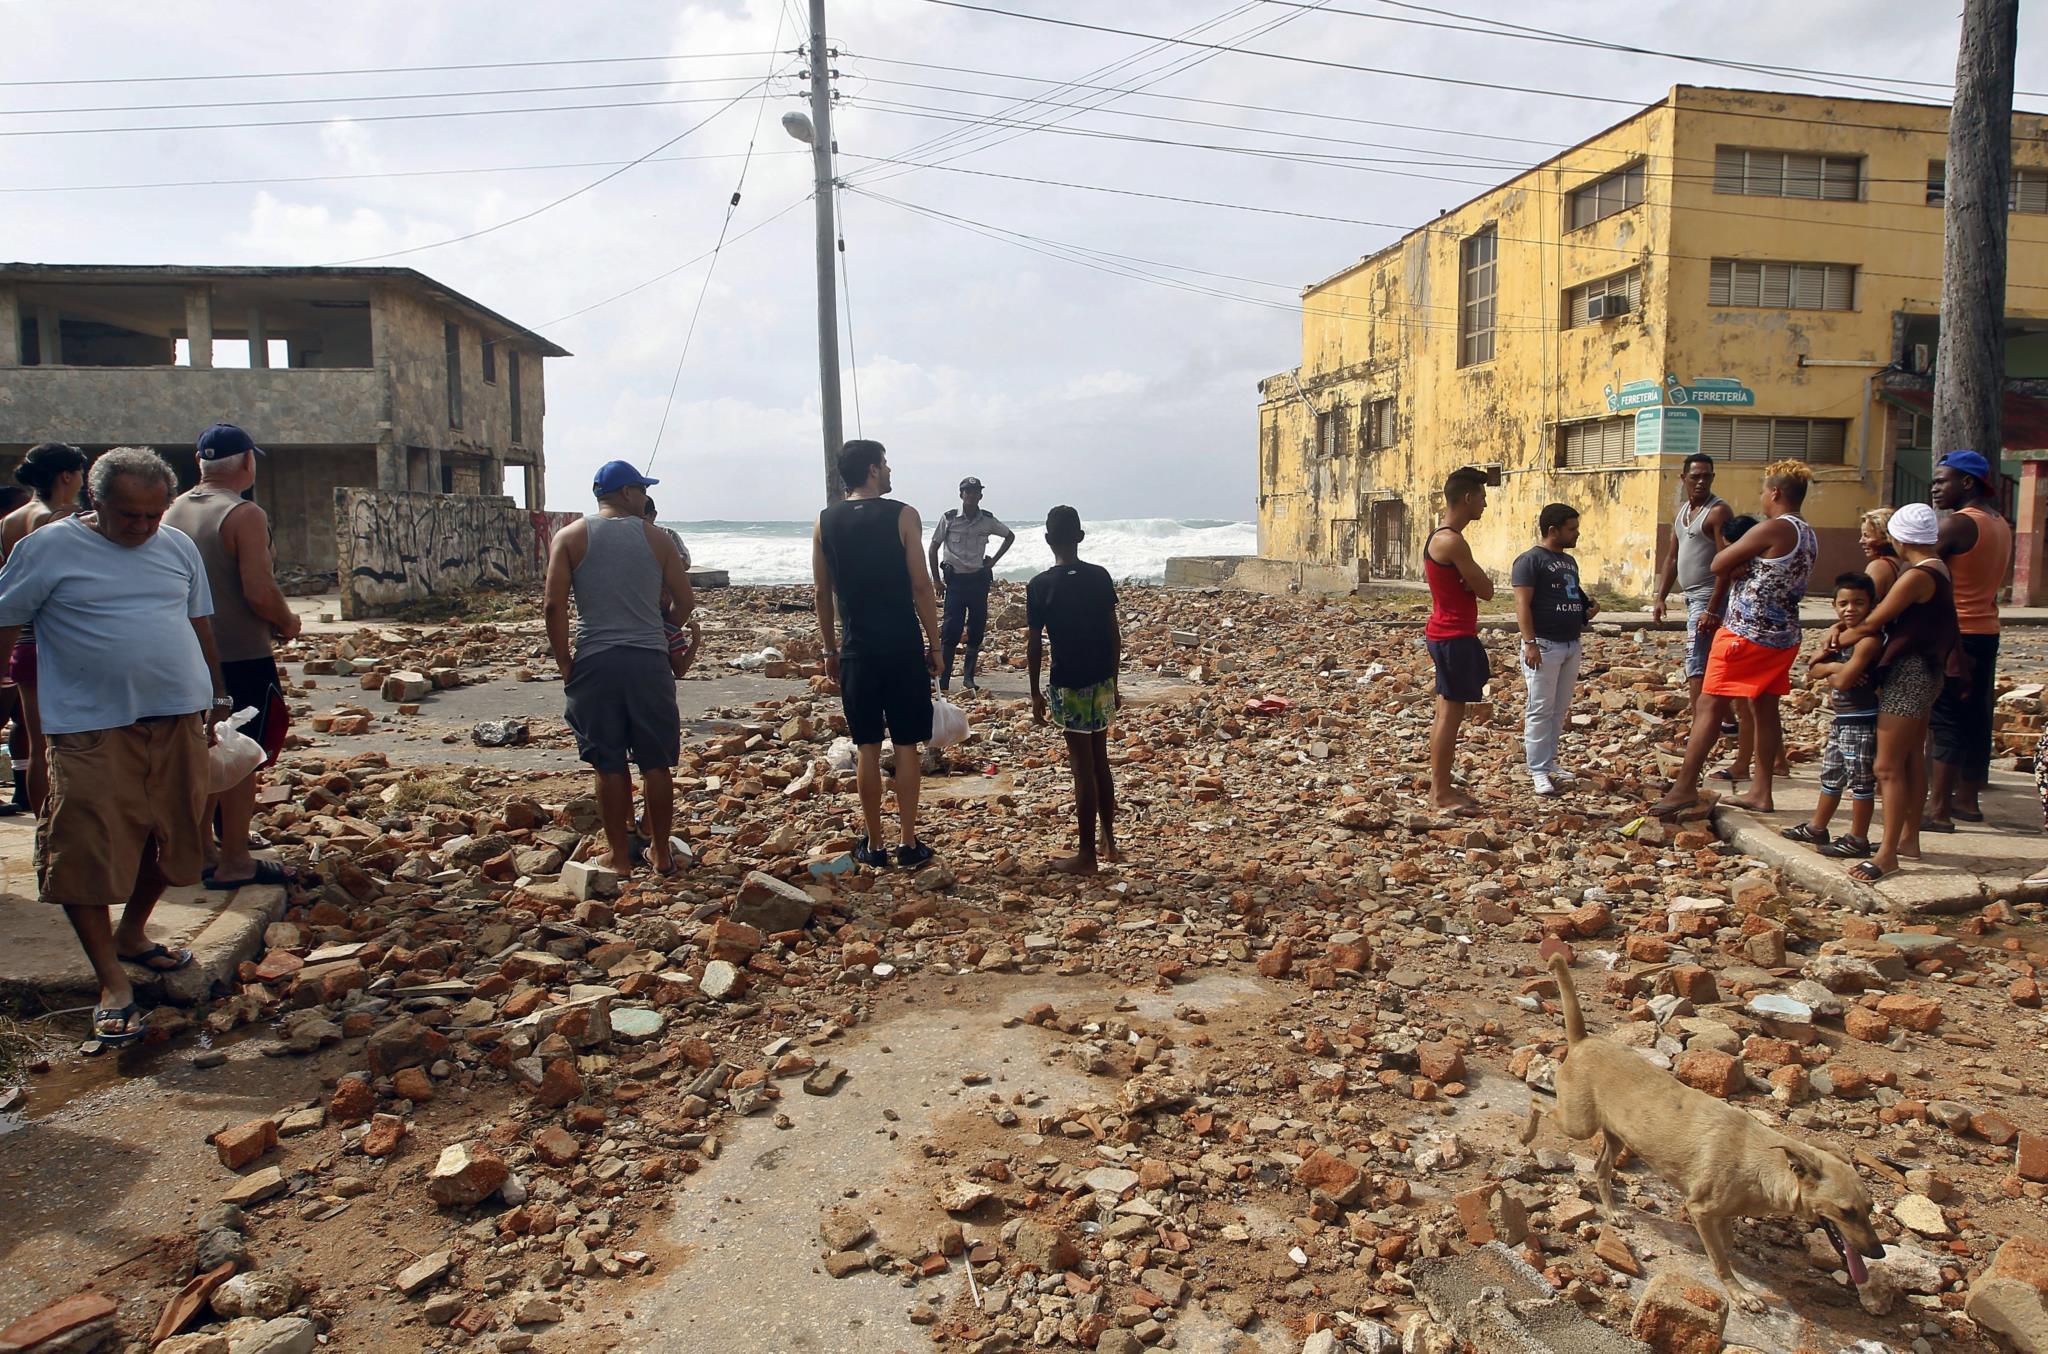 O dia depois da passagem do furacão <i>Irma</i> em Cuba